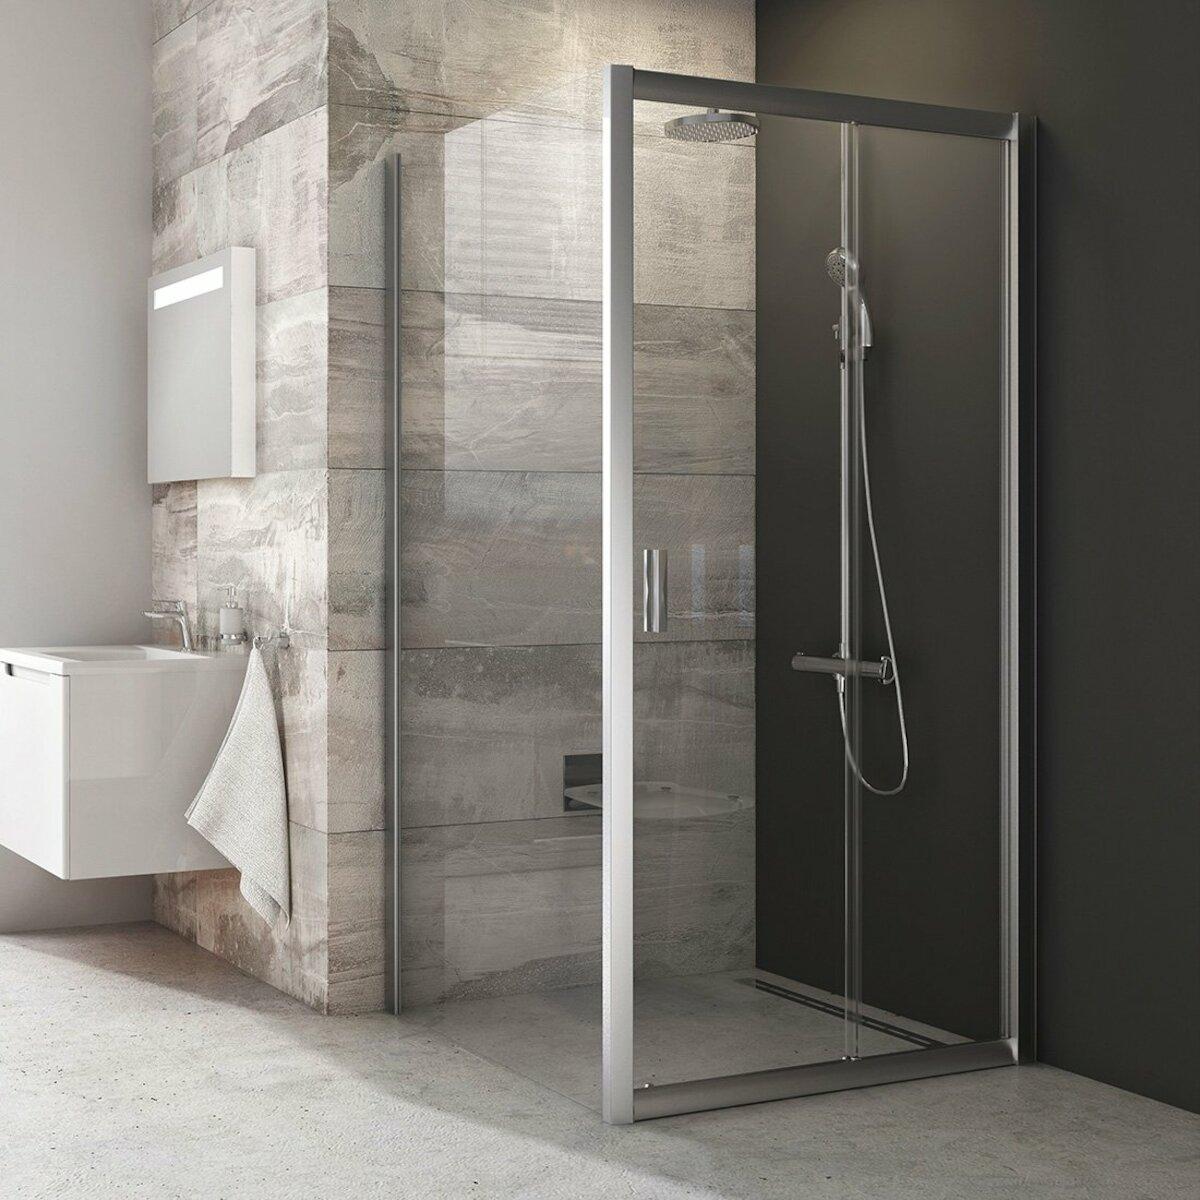 Sprchové dvere 100x190 cm Ravak Blix biela 0PVA0U00Z1